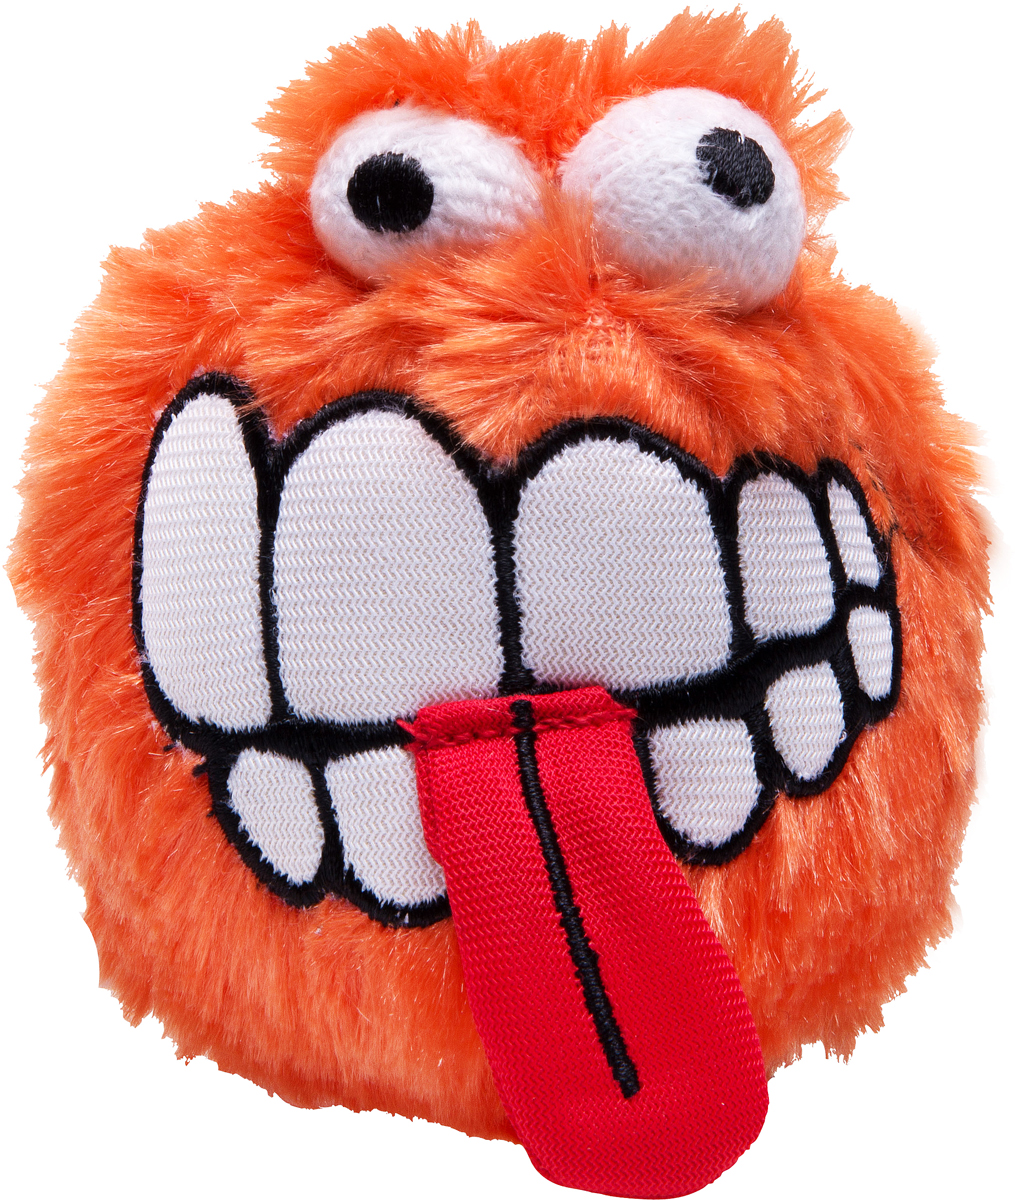 Игрушка для собак Rogz Fluffy Grinz. Зубы, цвет: оранжевый, диаметр 4,9 смGLG023/AИгрушка для собак Rogz Fluffy Grinz. Зубы - особо мягкий, плюшевый мяч. Для животных, которые любят играть в Поймай-принеси - это просто мечта.Небольшой вес изделия.Не травмирует зубы и десны.Удобен для переноски животных.Внутри игрушки пищалка, что поддерживает интерес животного к игре.